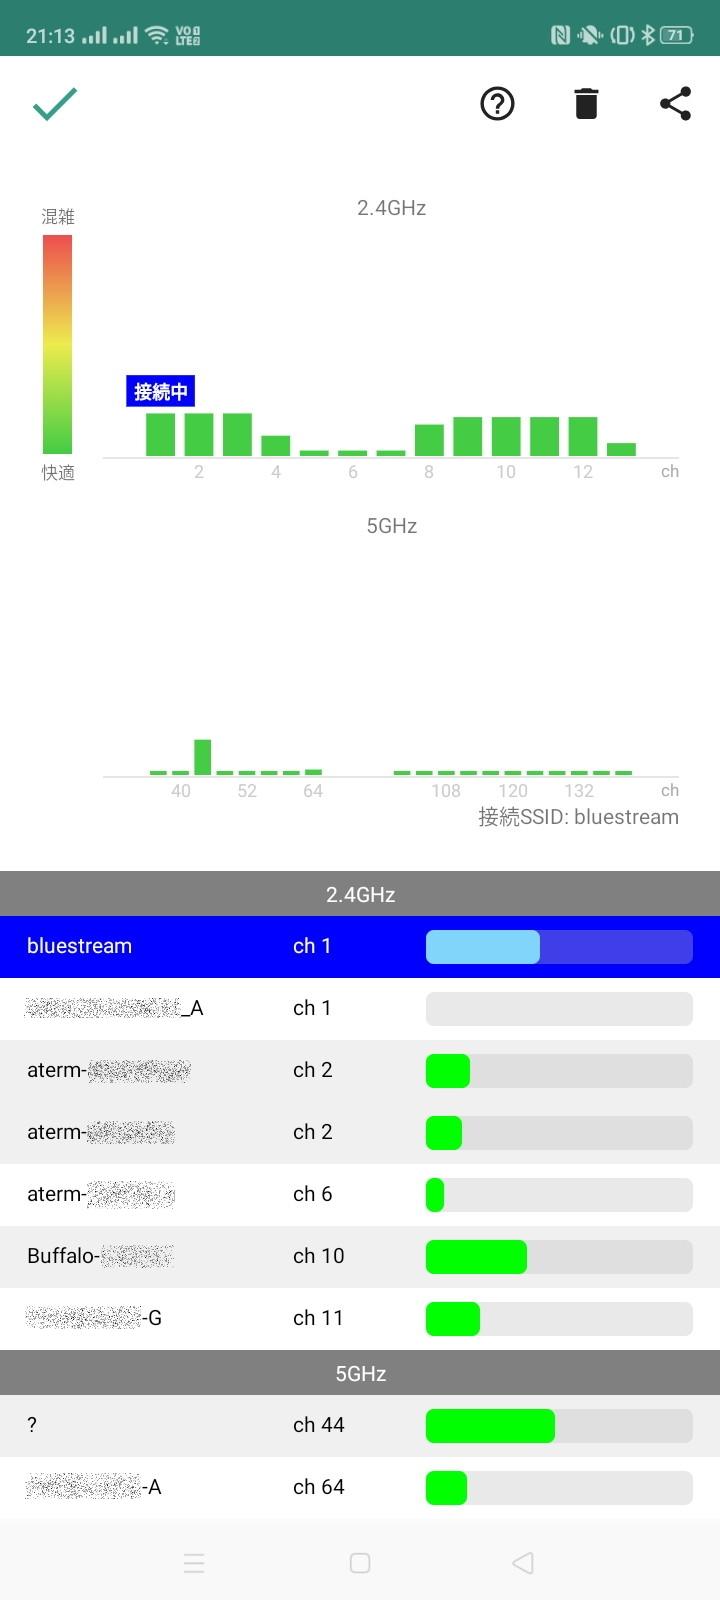 Wi-FiミレルのAndroid版は、周囲の無線LANの利用状況をグラフで確認できる。周囲でどのチャンネルがどれぐらい利用しているかを把握するのに役立つ